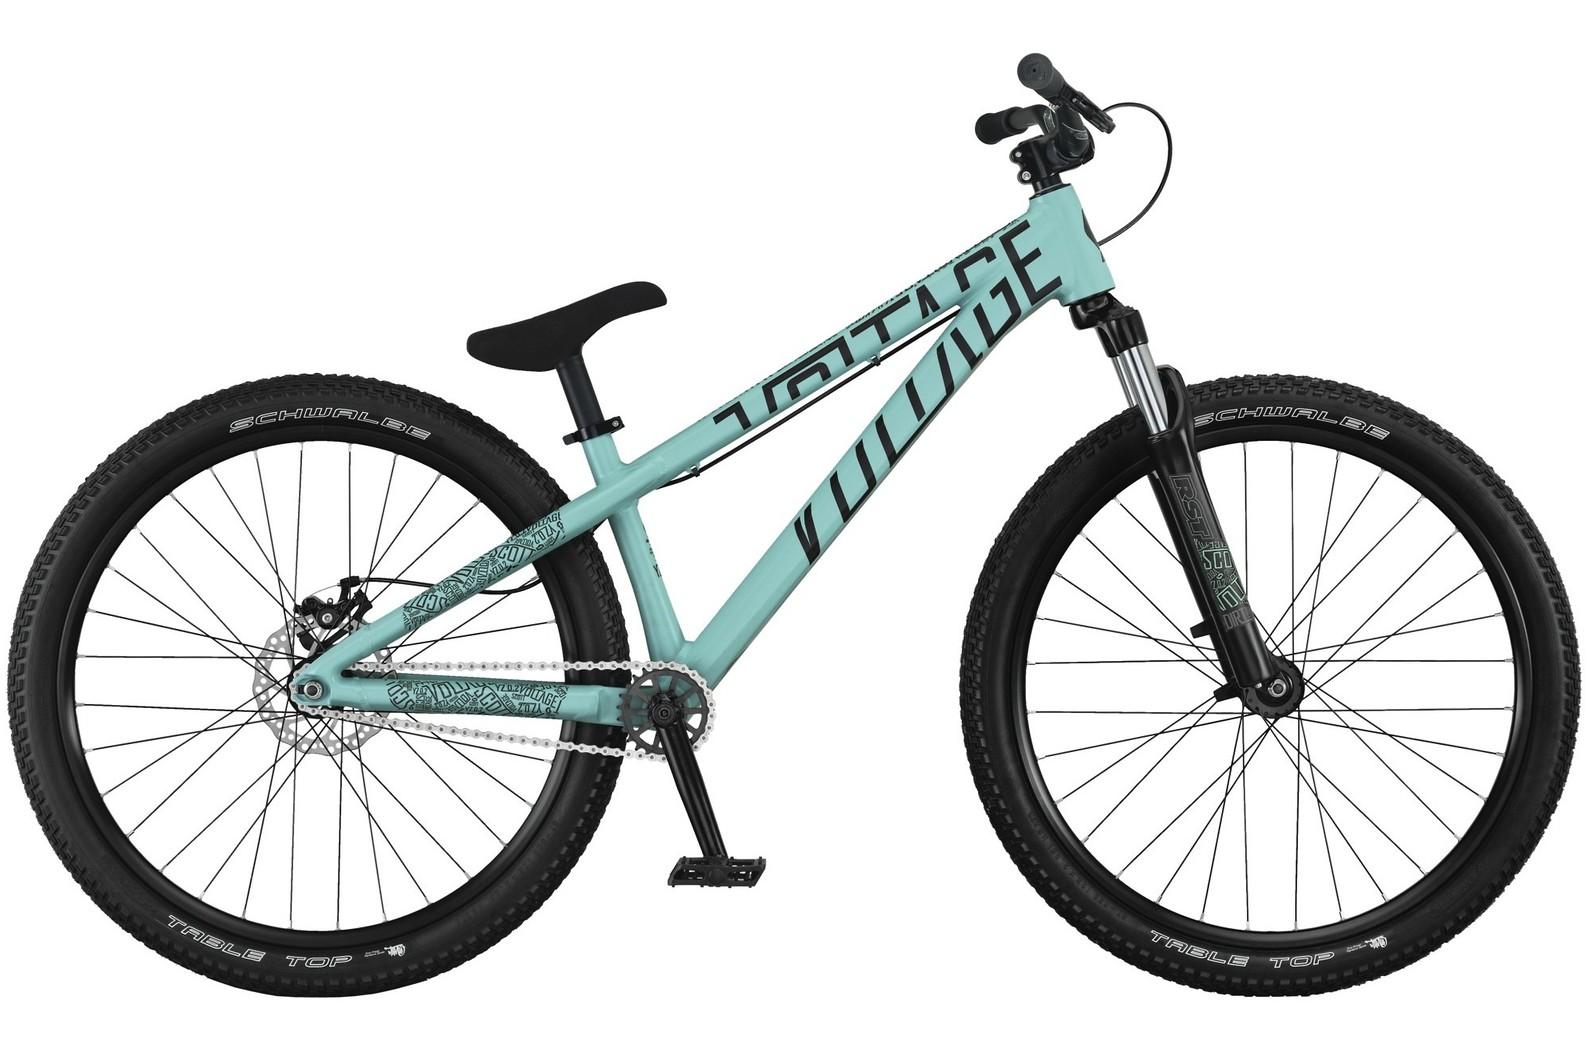 2014 Scott Voltage YZ 0.2 Bike - Reviews, Comparisons, Specs ...